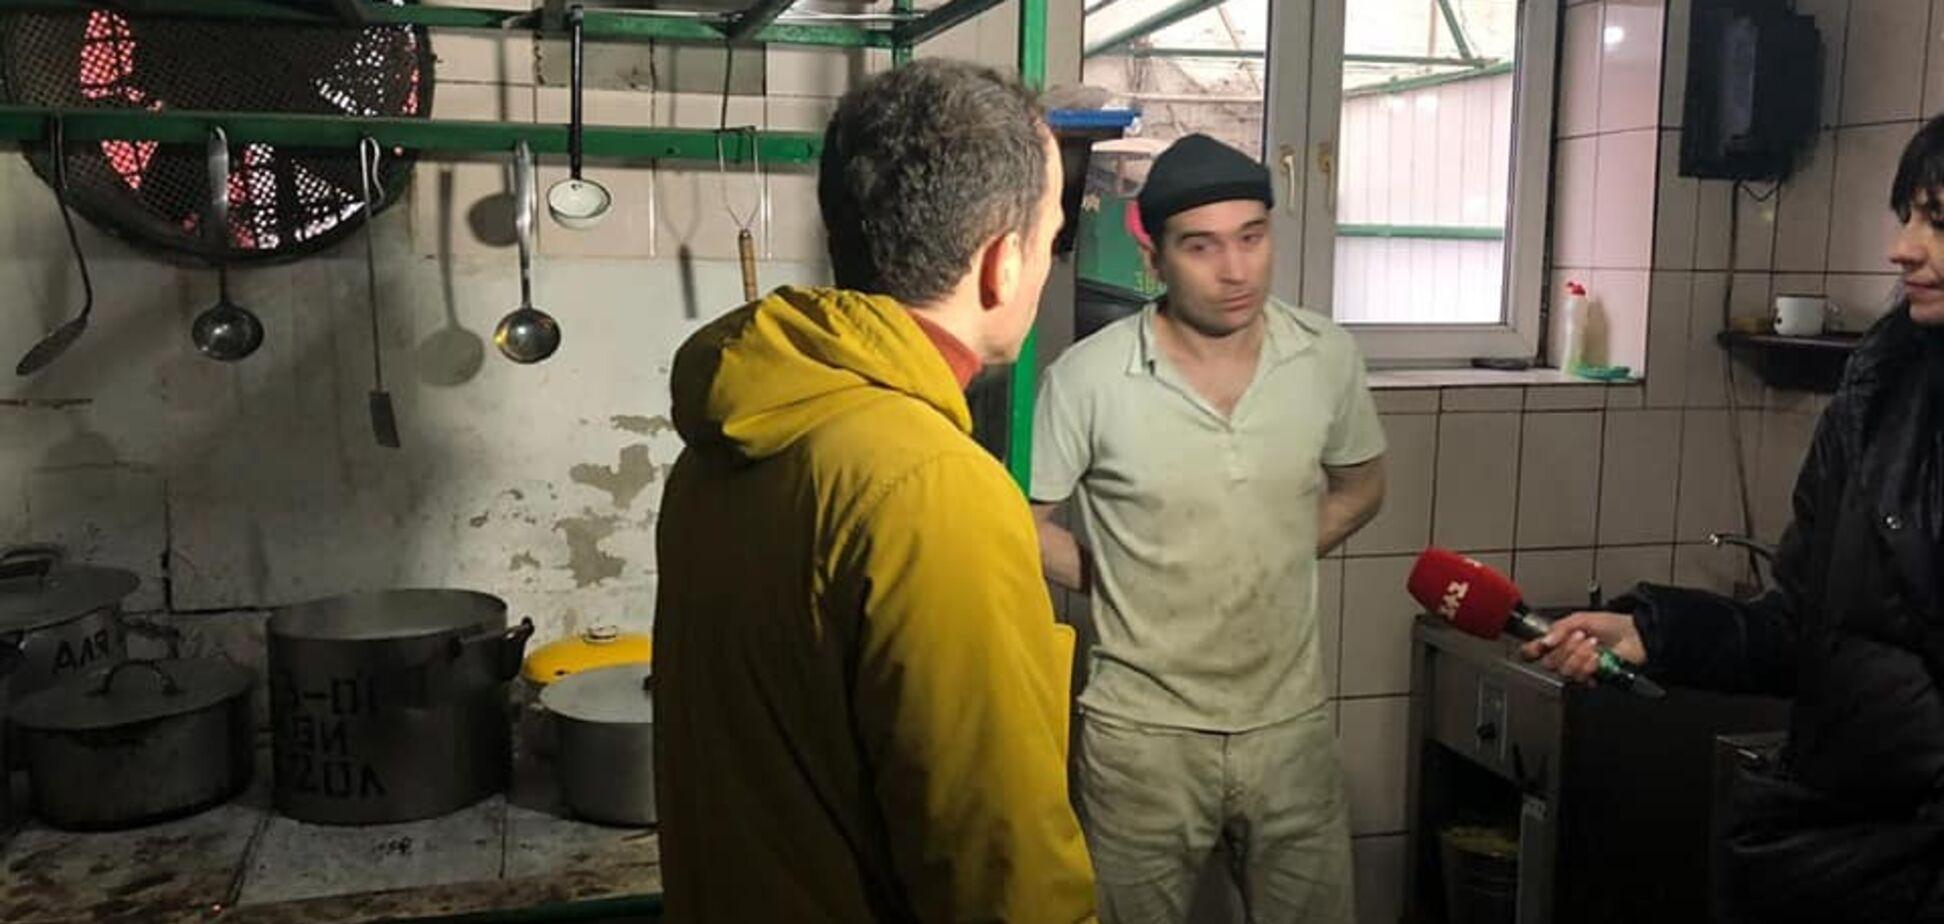 Порно не смотрят, но ужасная еда: Малюська проверил тюрьмы Бердичева. Фото